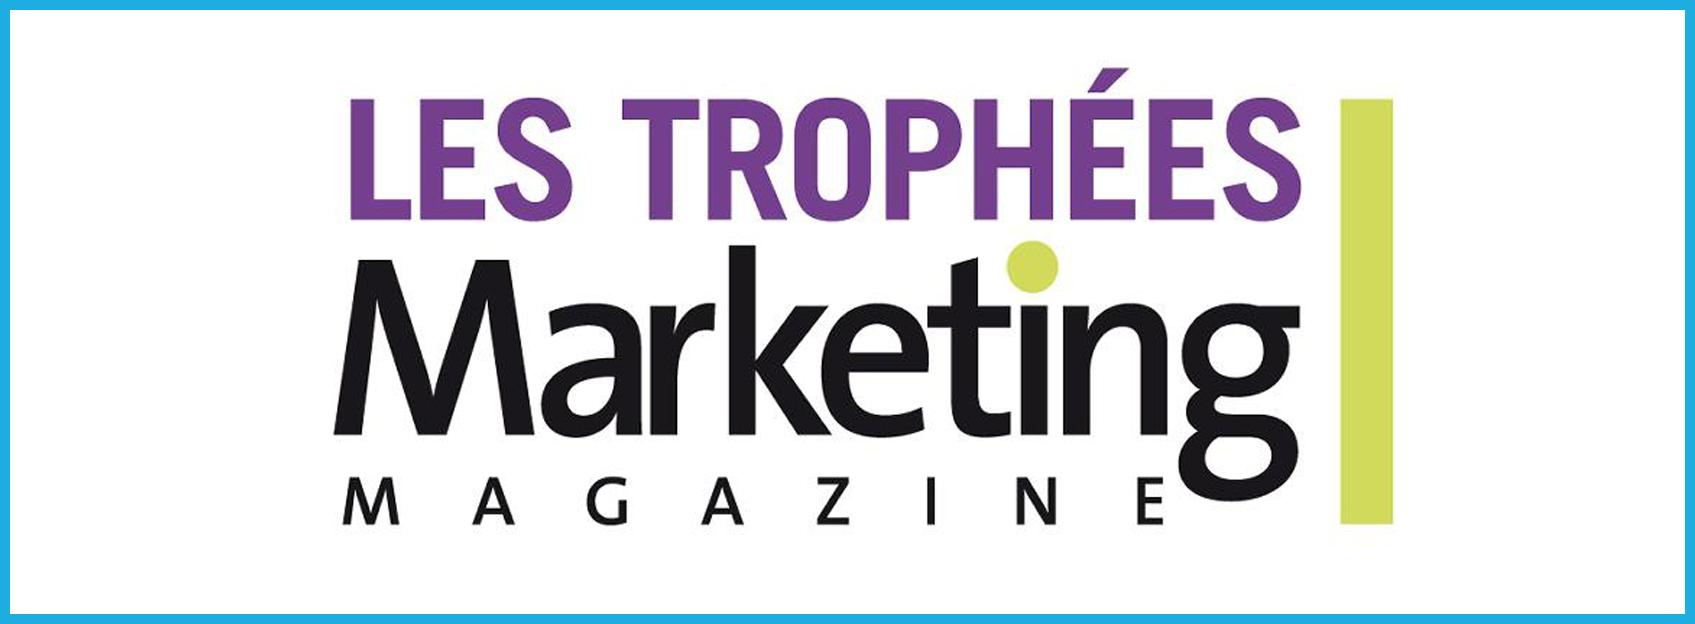 Preis für respondi & Sorgem bei den Marketing Magazine Awards